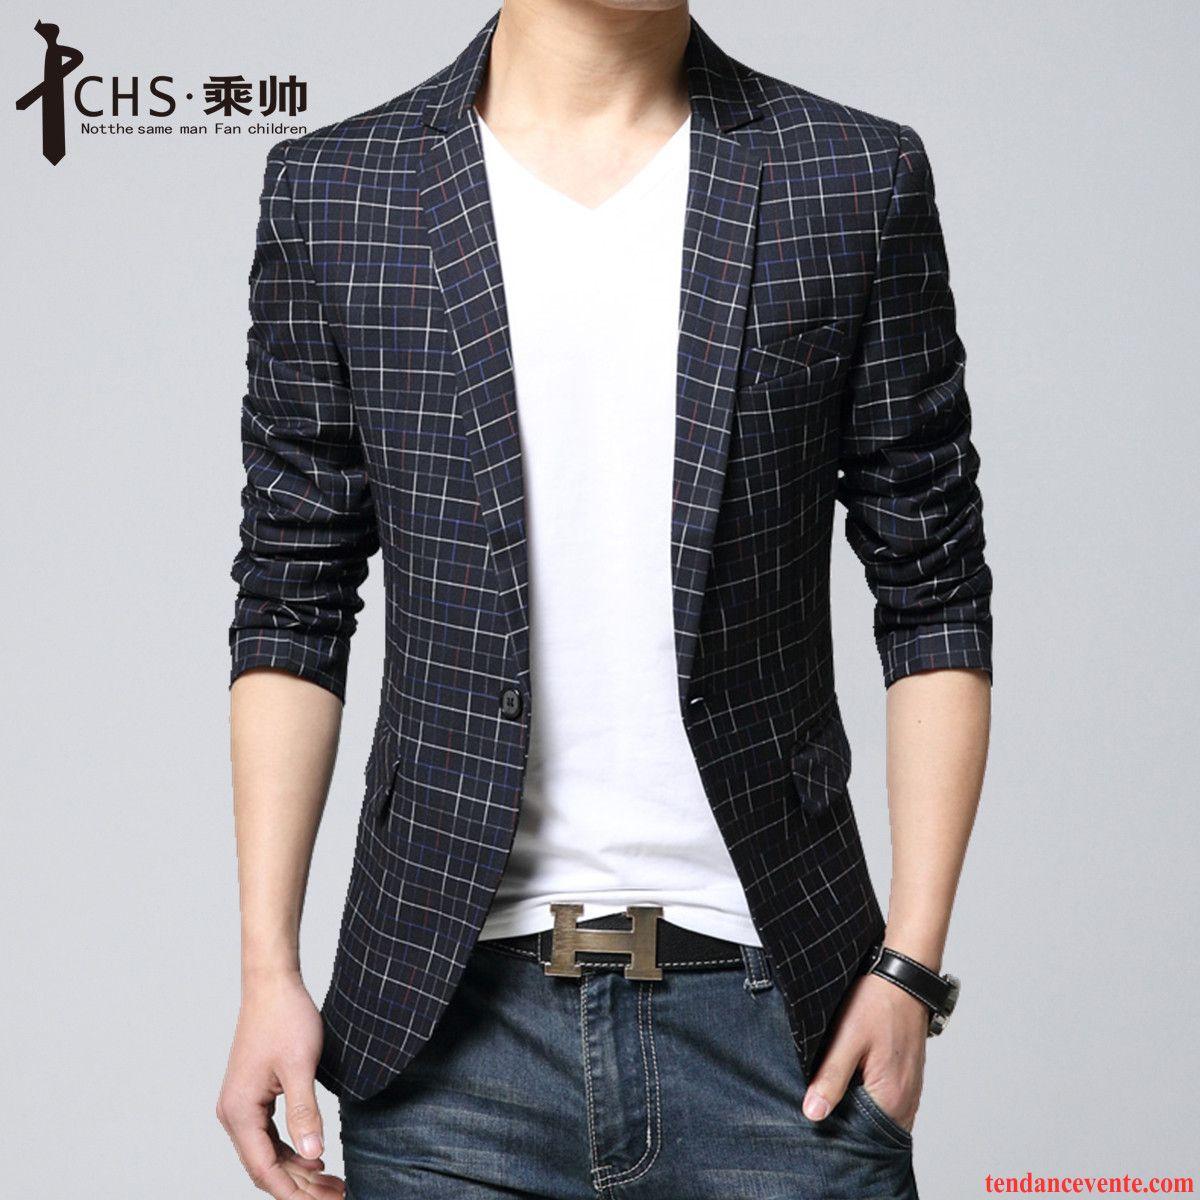 2c7b4c2160e6 Blazer En Cuir Pour Homme Homme Pardessus Une Veste Costume Slim  Taillissime Décontractée Carreaux Britanique Mode ...